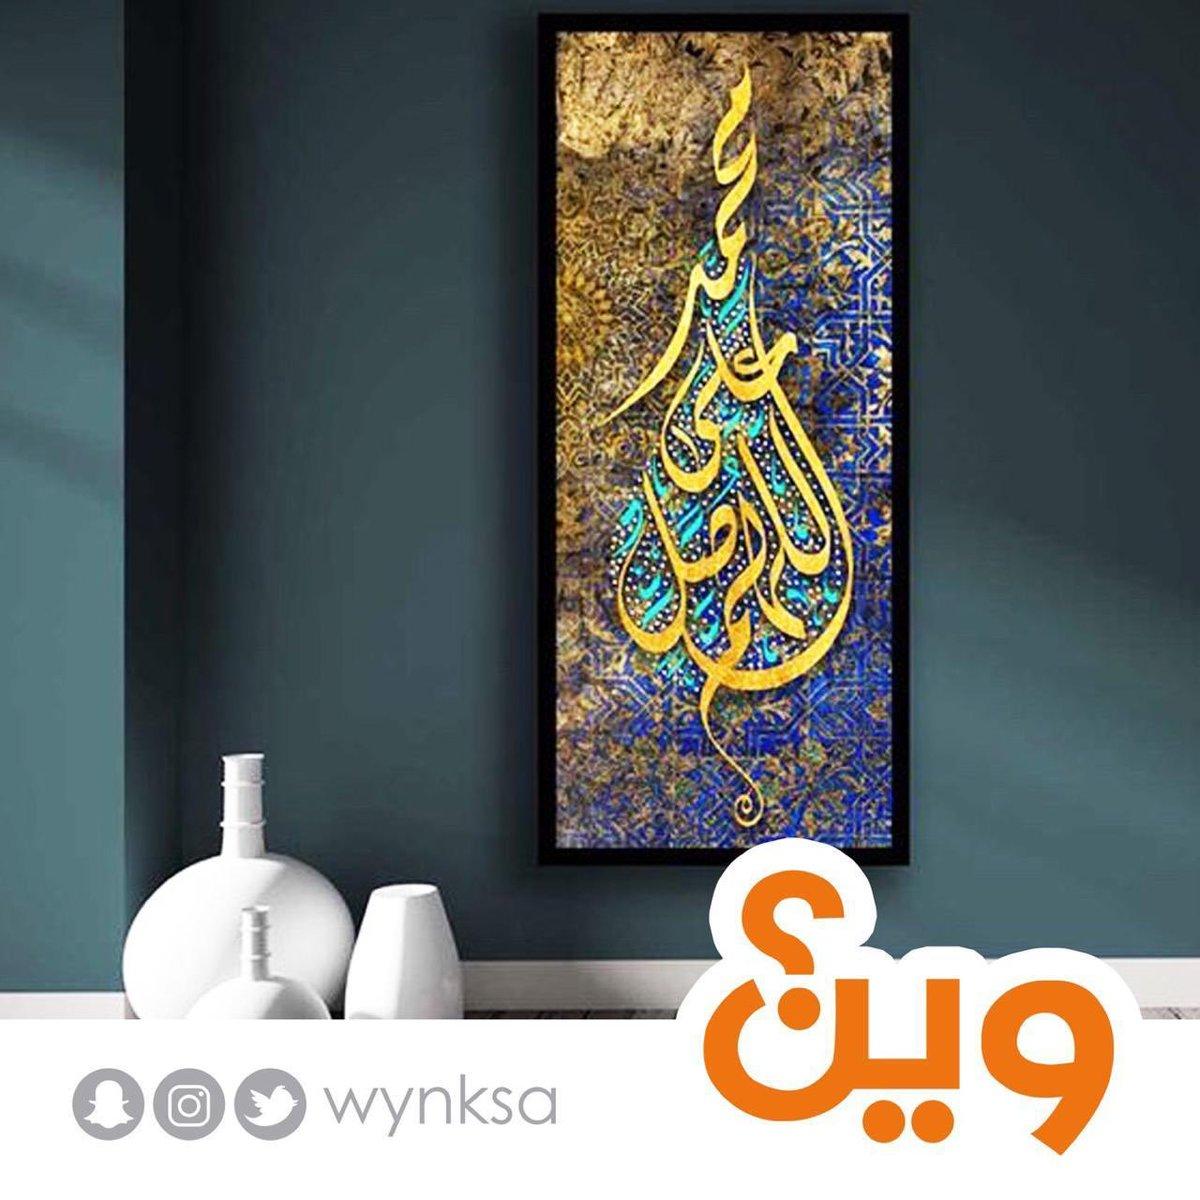 وين's photo on #صلوا_عليه_لاجل_شفاعته